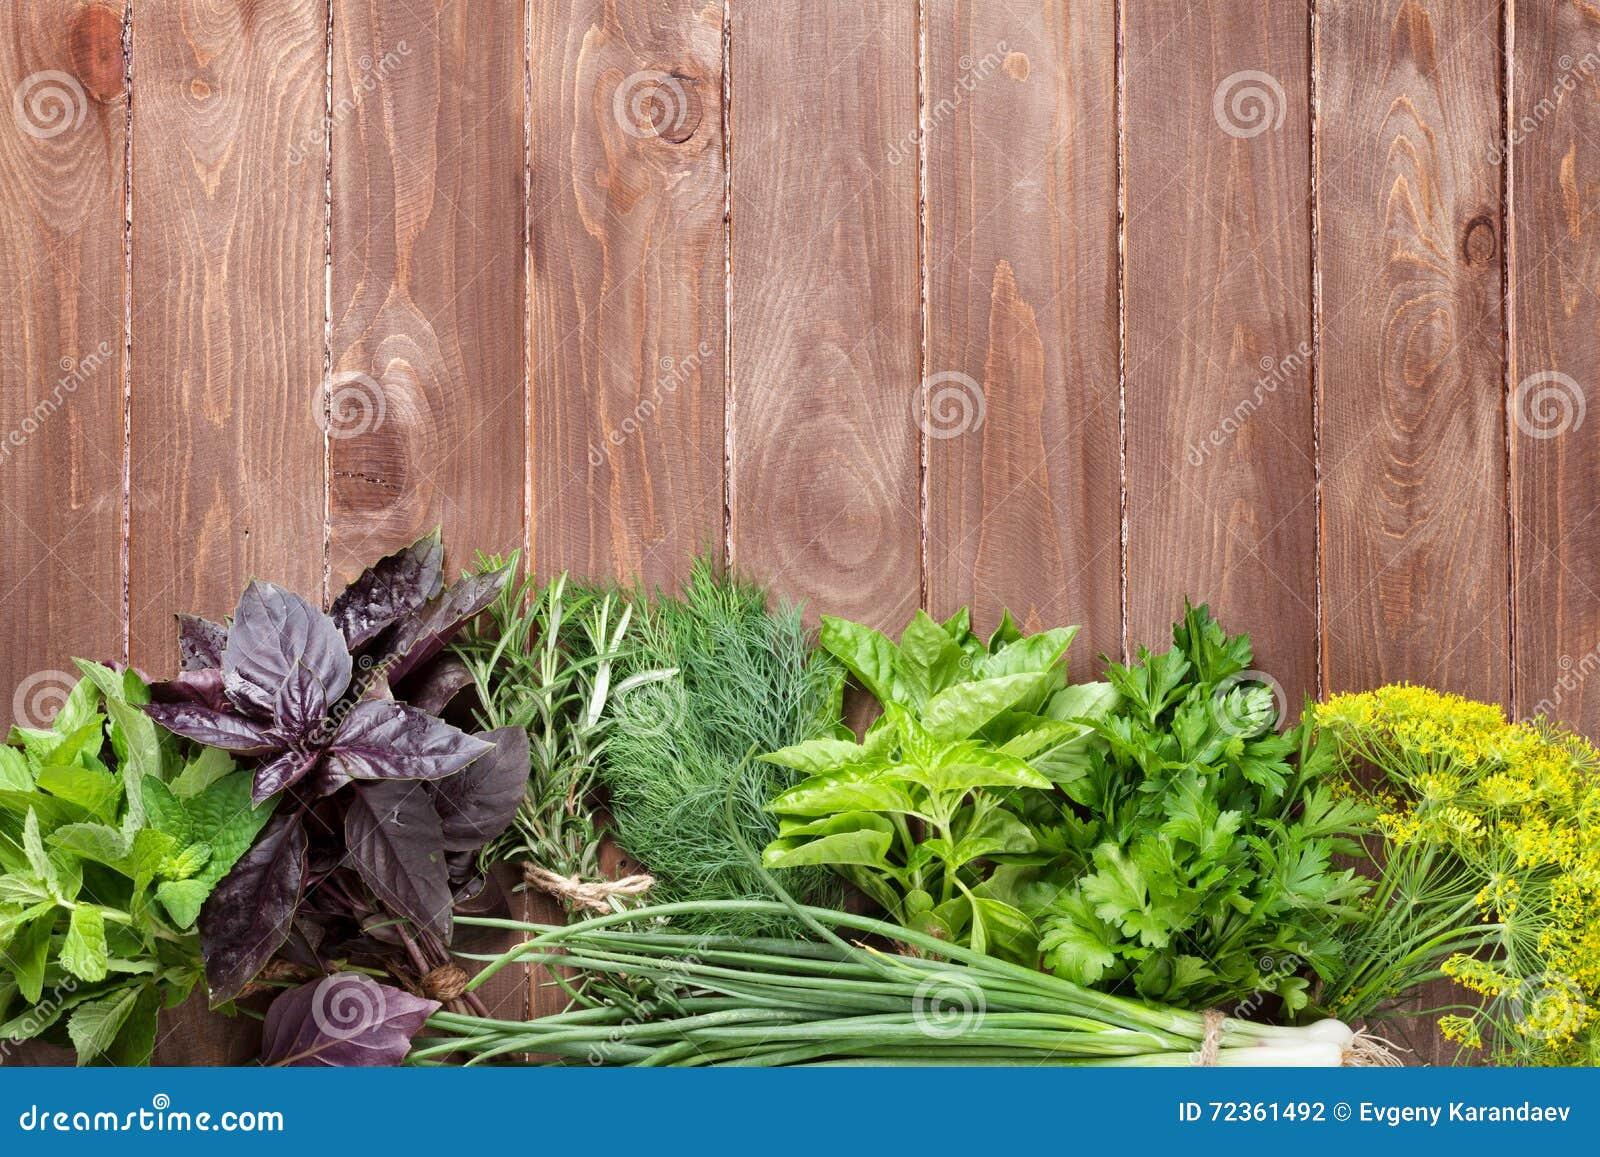 在木桌上的新鲜的庭院草本